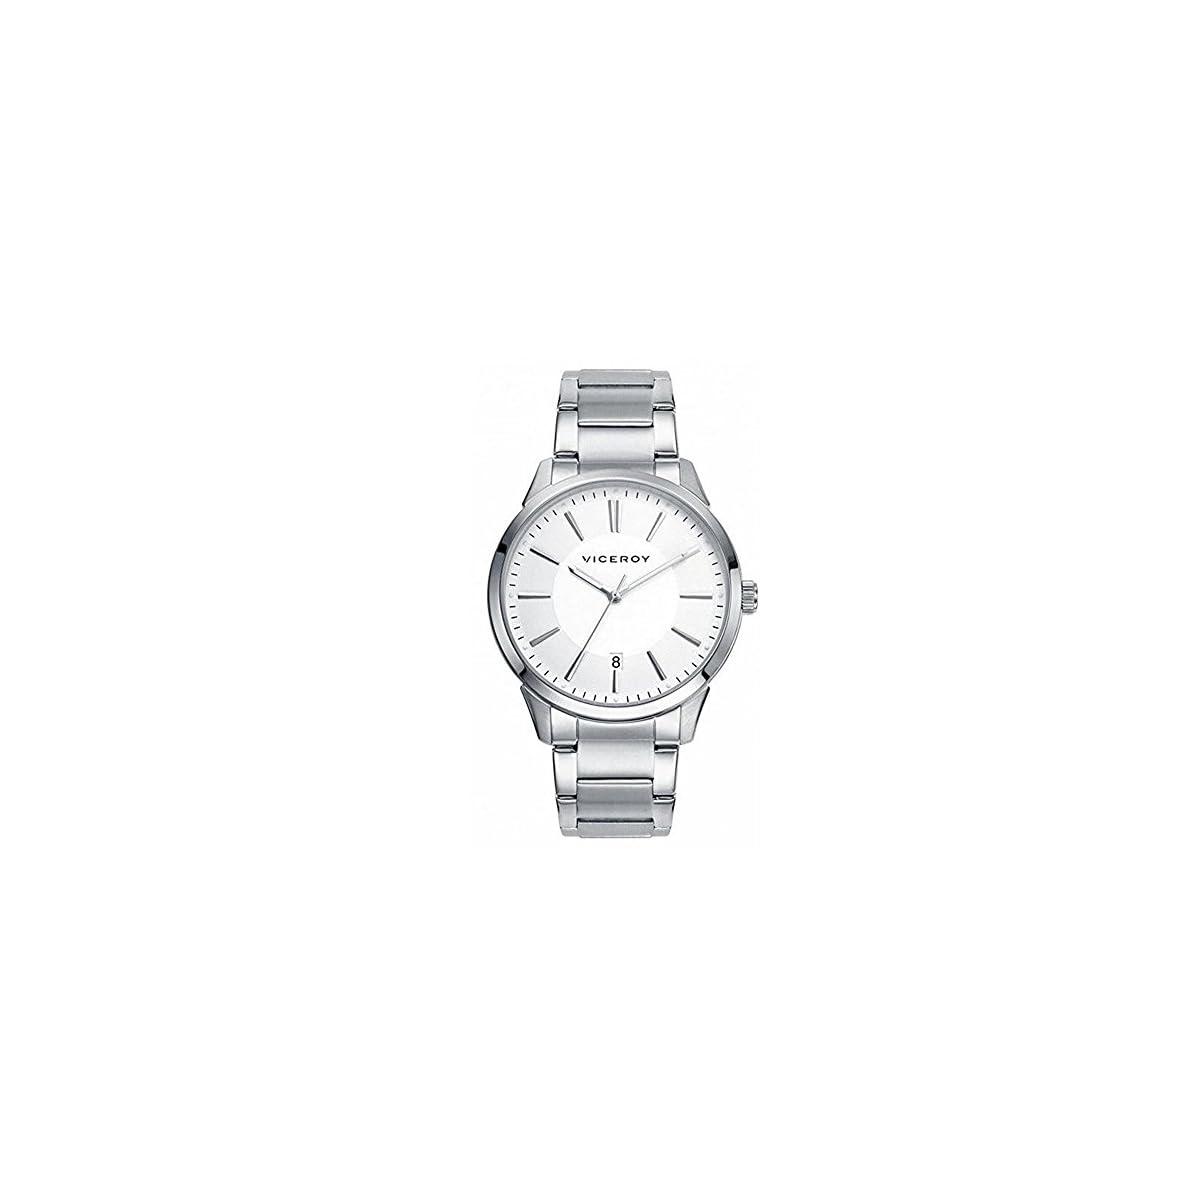 41t0wWzSjKL. SS1200  - Viceroy Reloj Analogico para Mujer de Cuarzo con Correa en Acero Inoxidable 46661-07